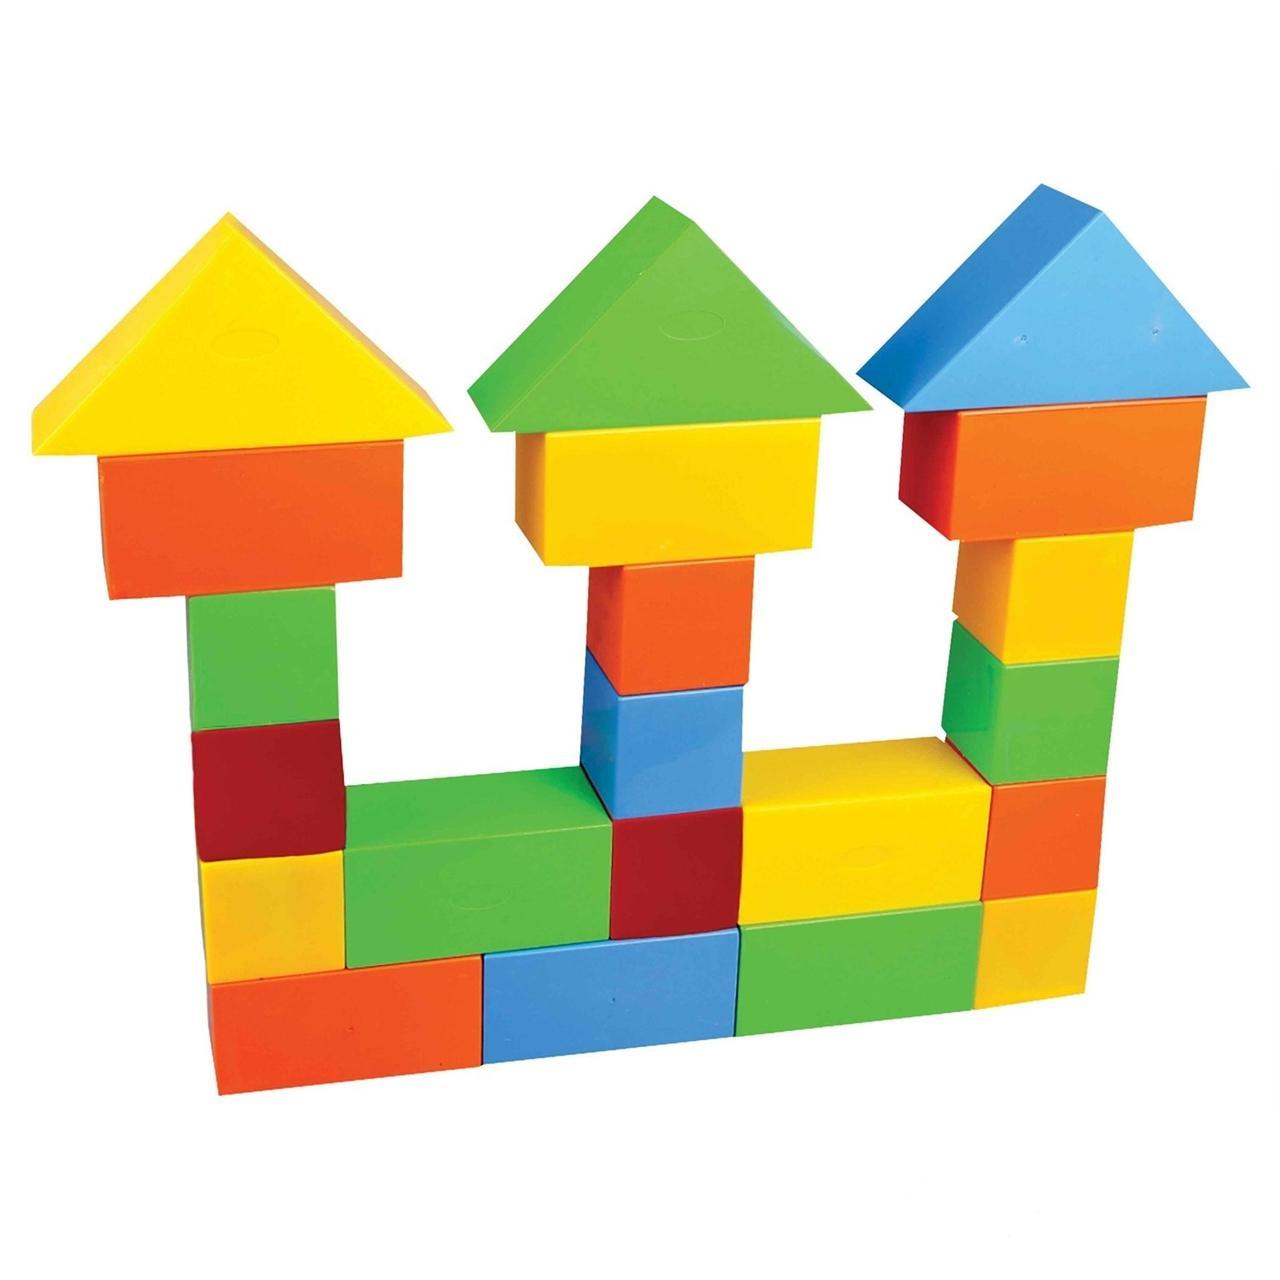 Картинка для детей заборчик из кубиков